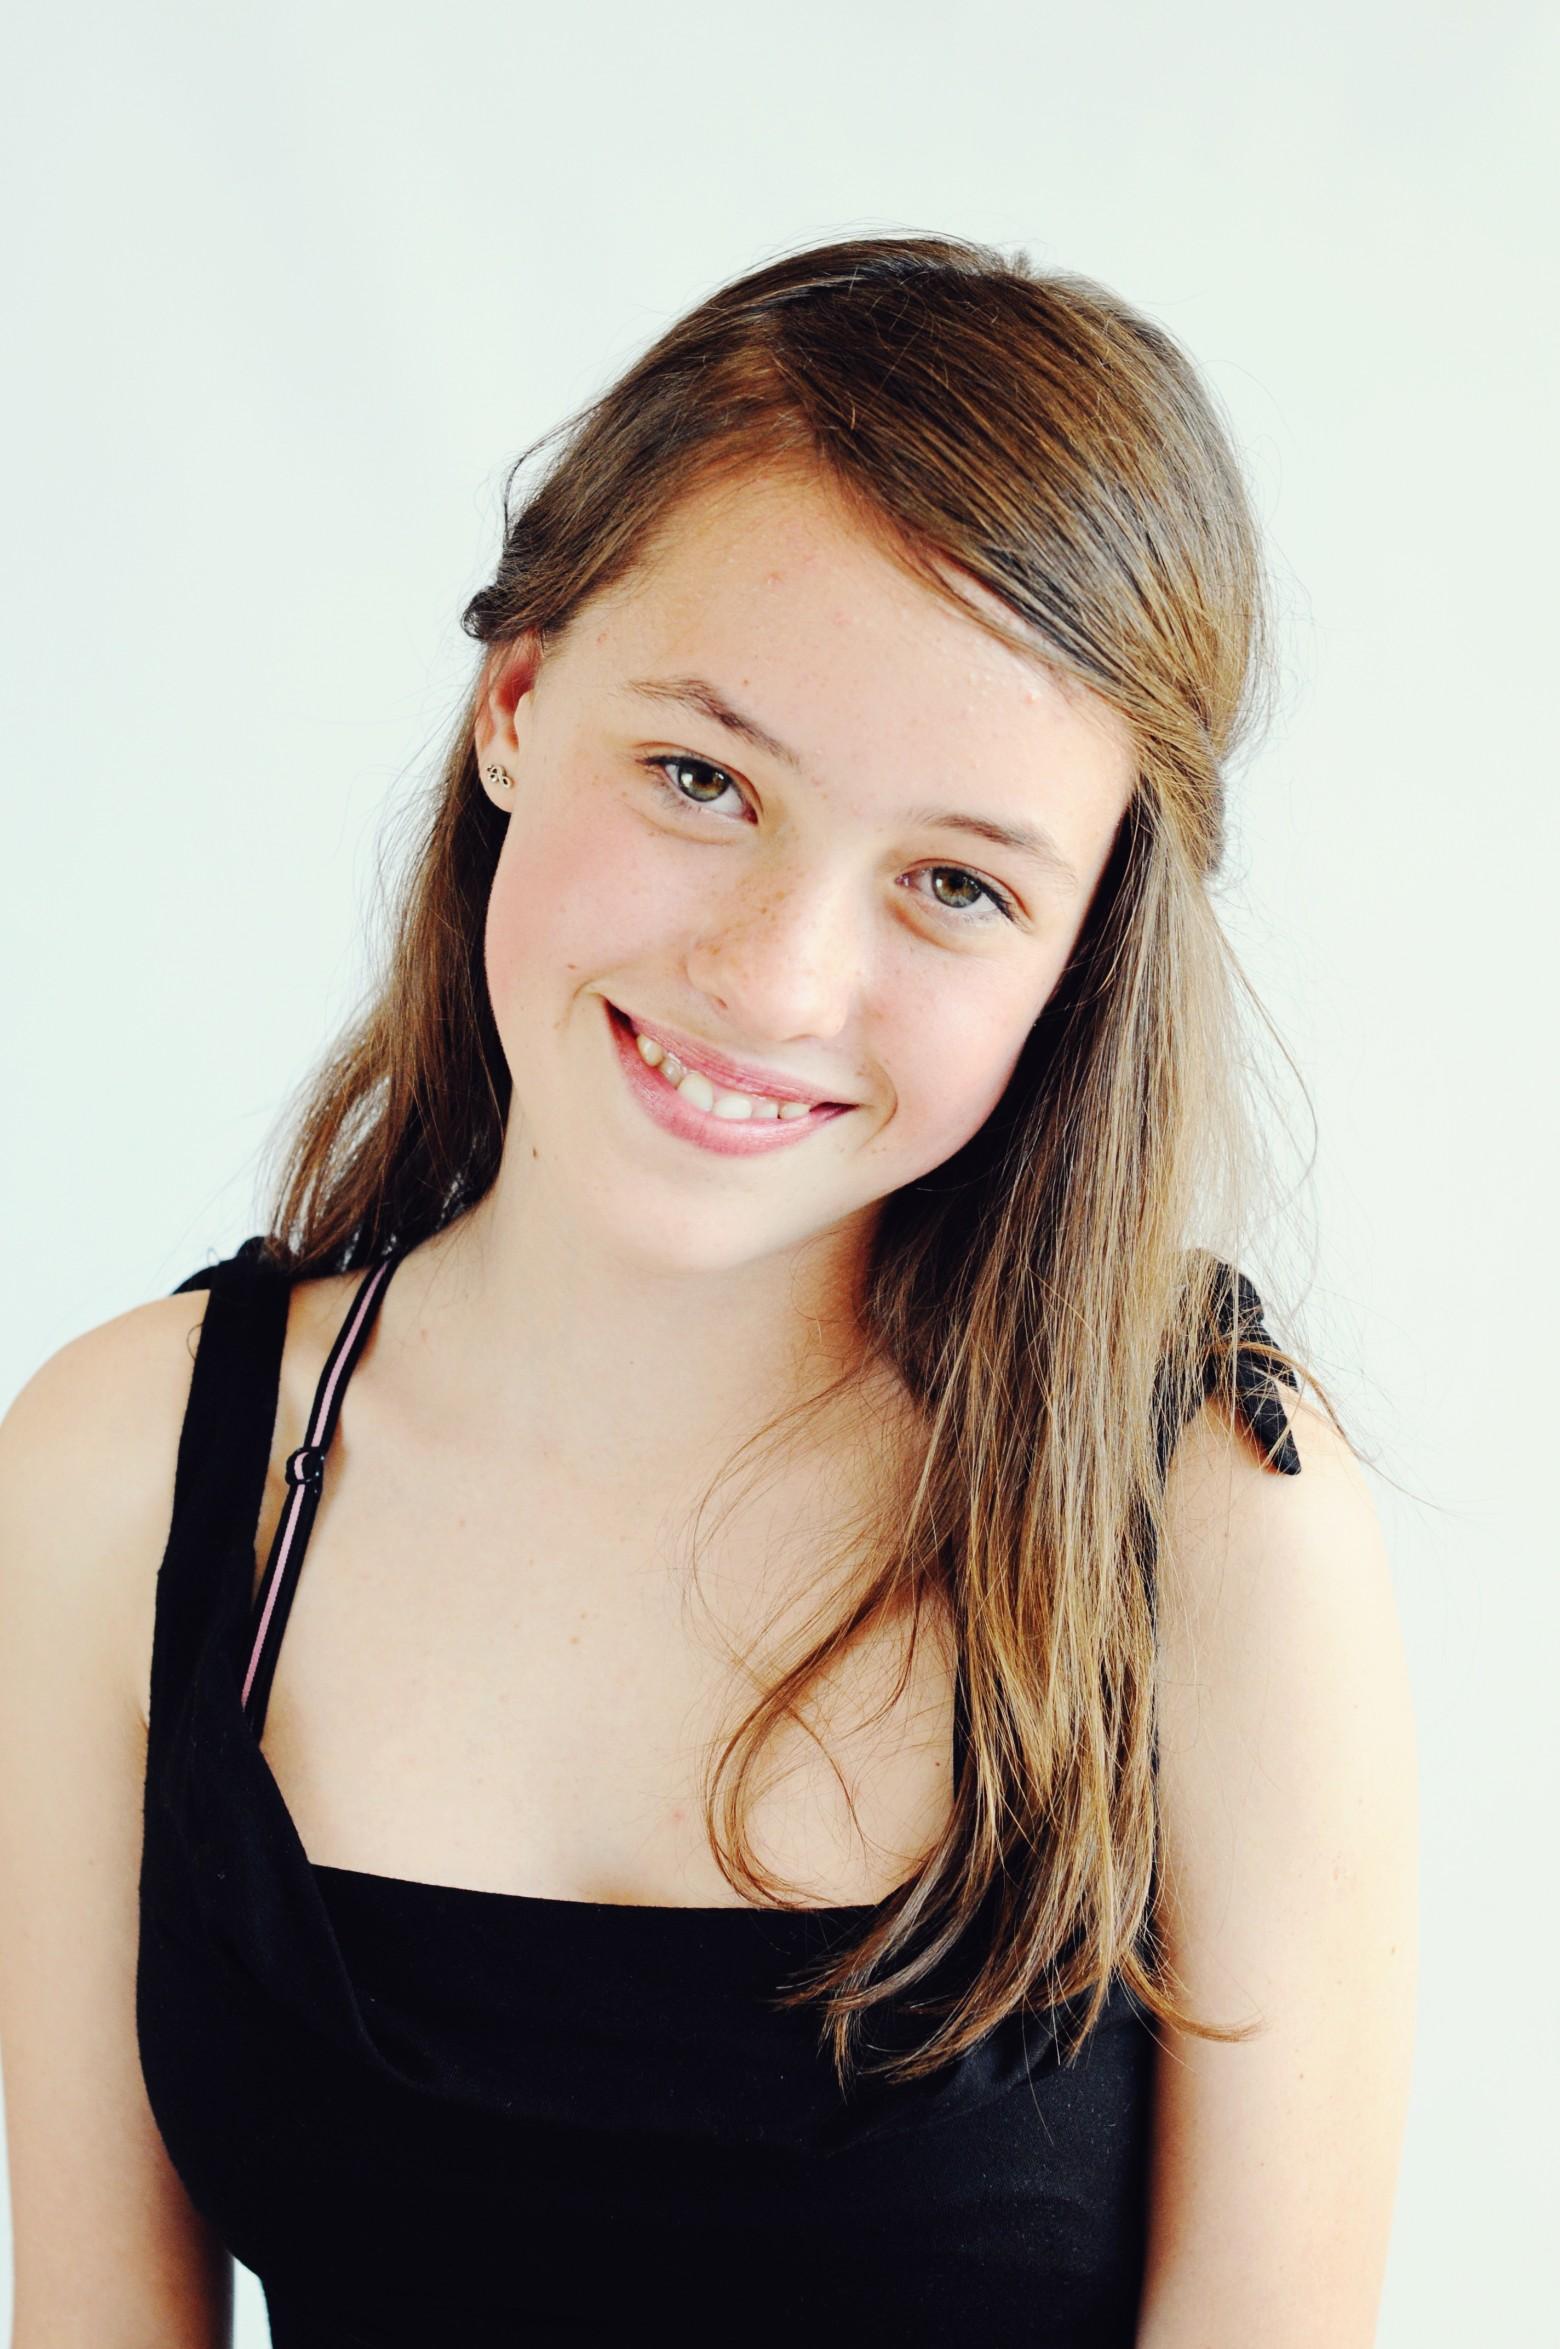 portrait jeune fille adolescente jolie modèle images gratuites et